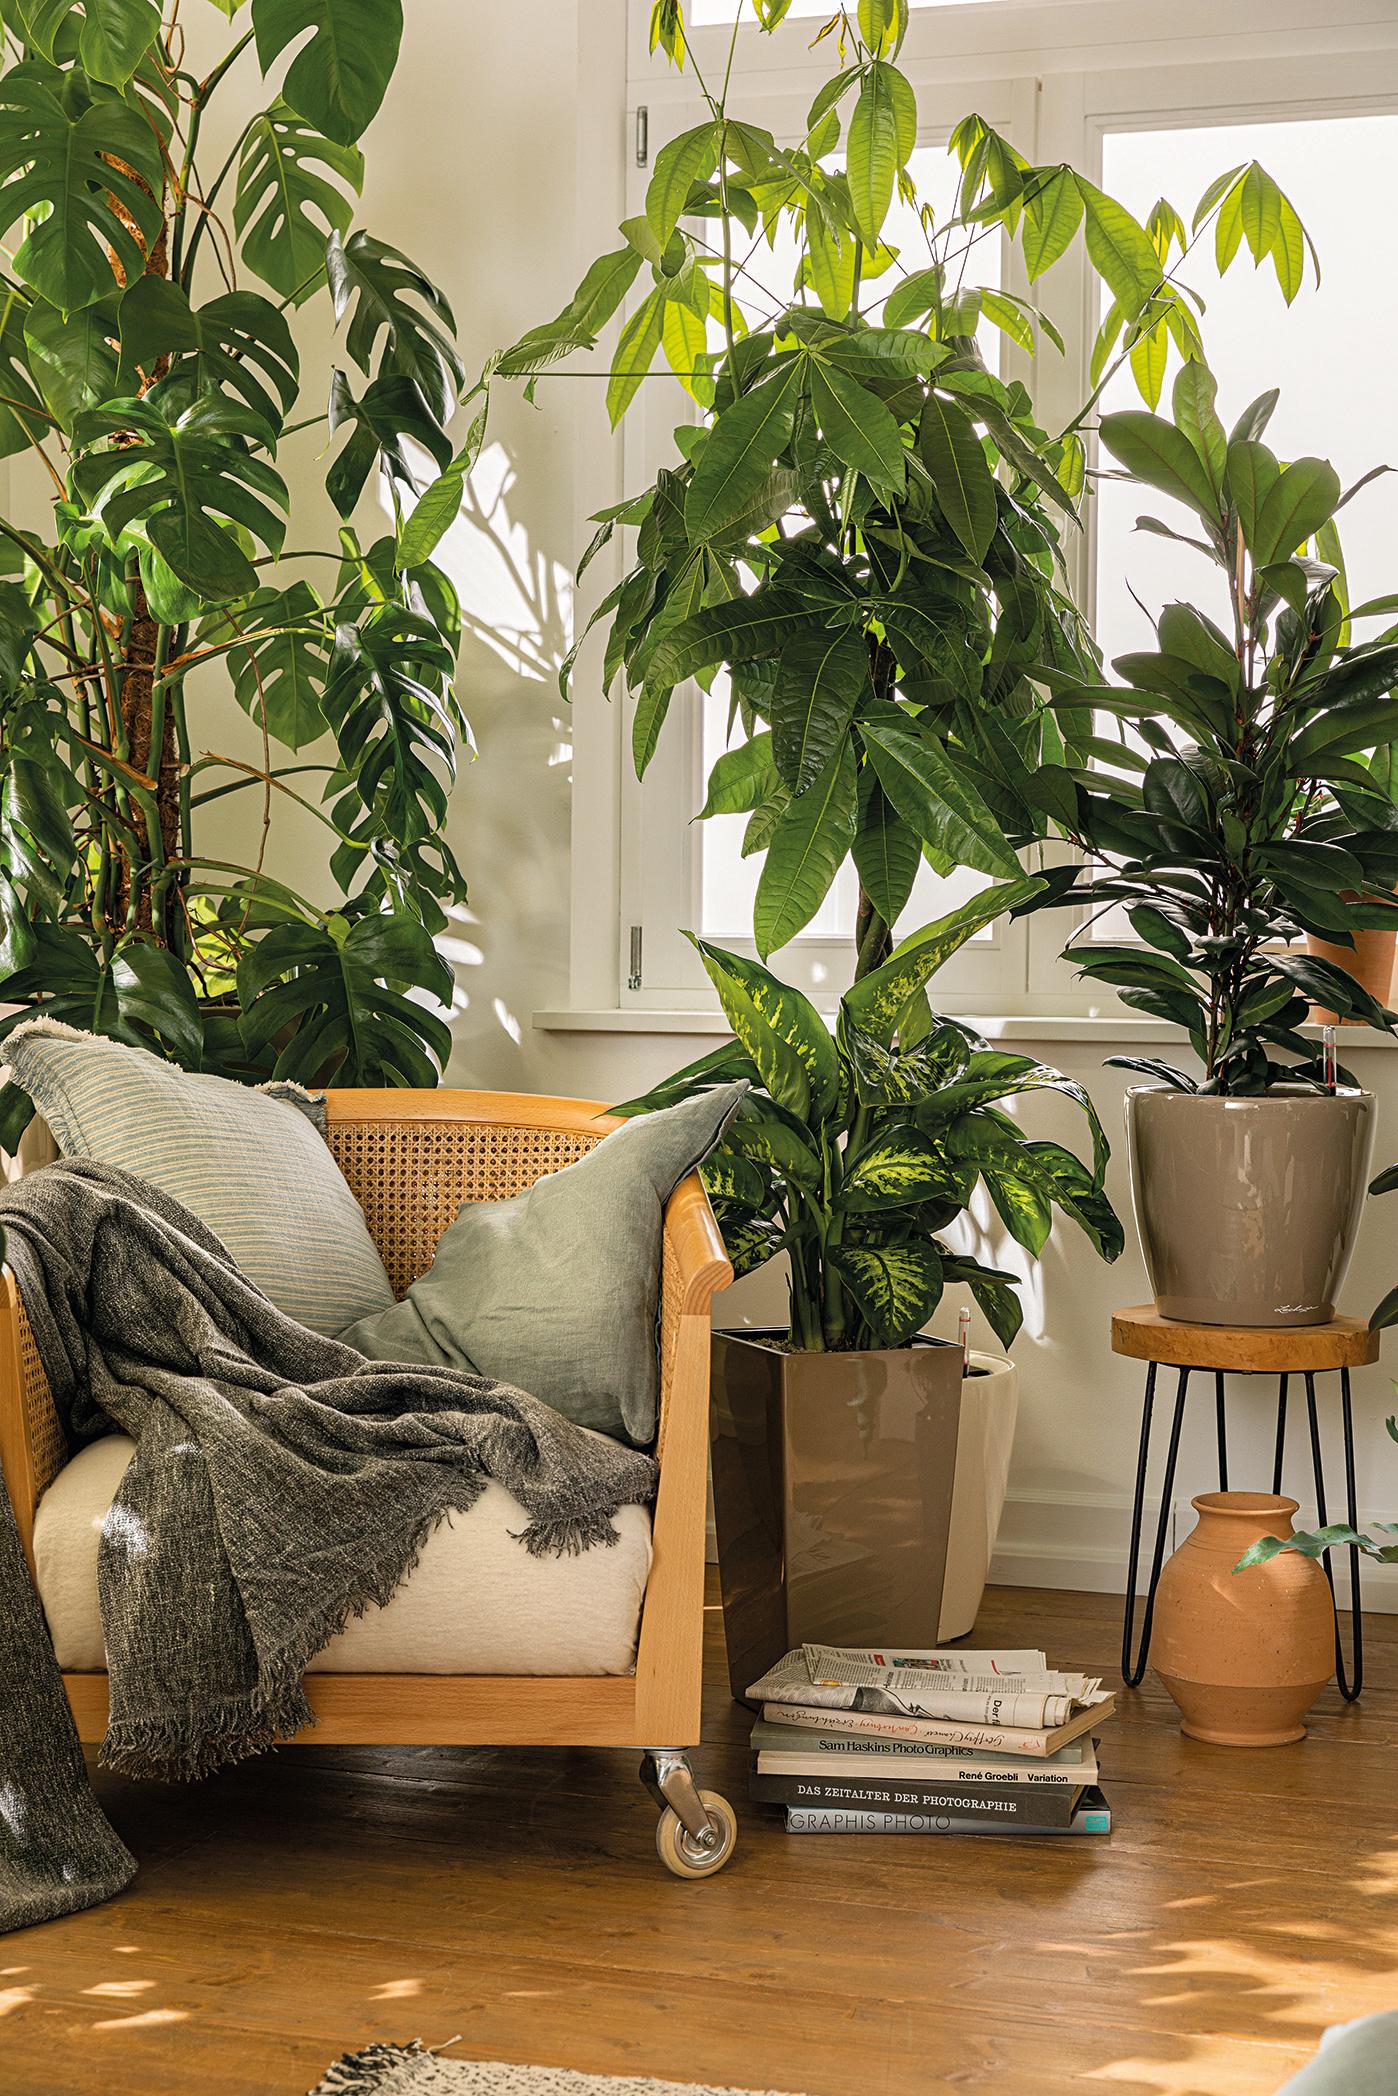 Mit LECHUZA-PON kannst du dir mühelos deinen eigenen Wohlfühlplatz schaffen